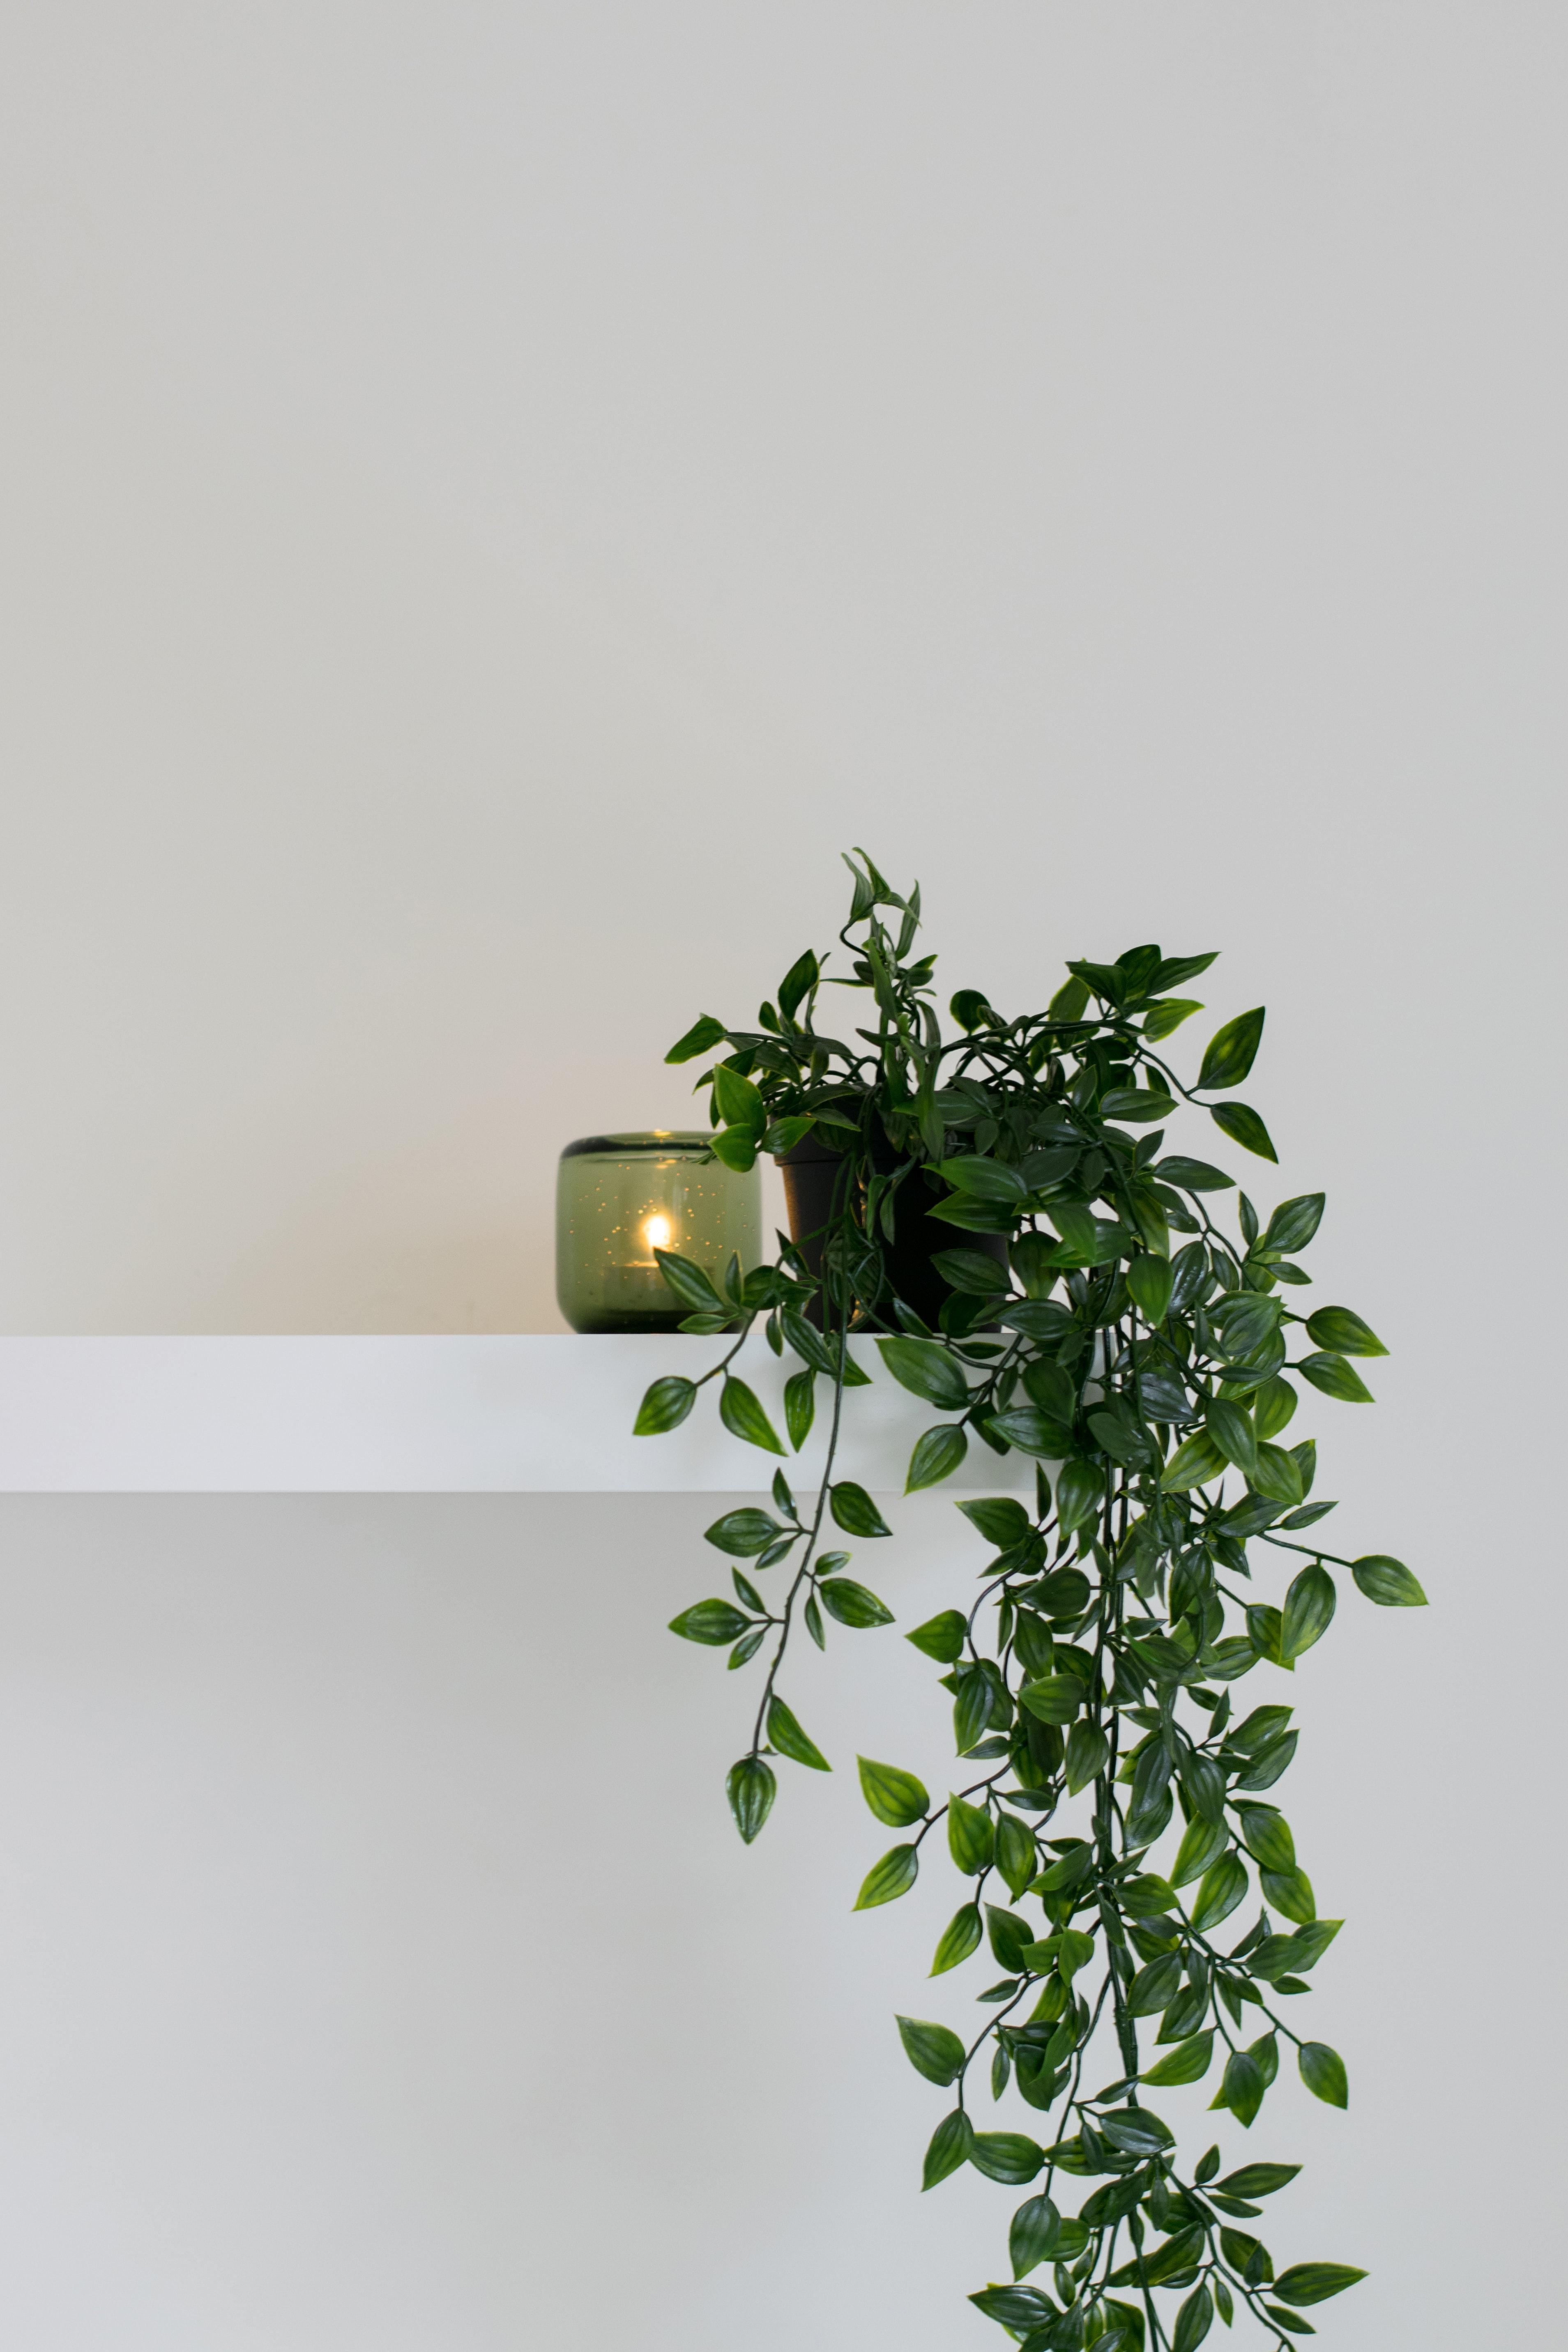 trang trí tường bằng cây xanh khi cách ly tại nhà